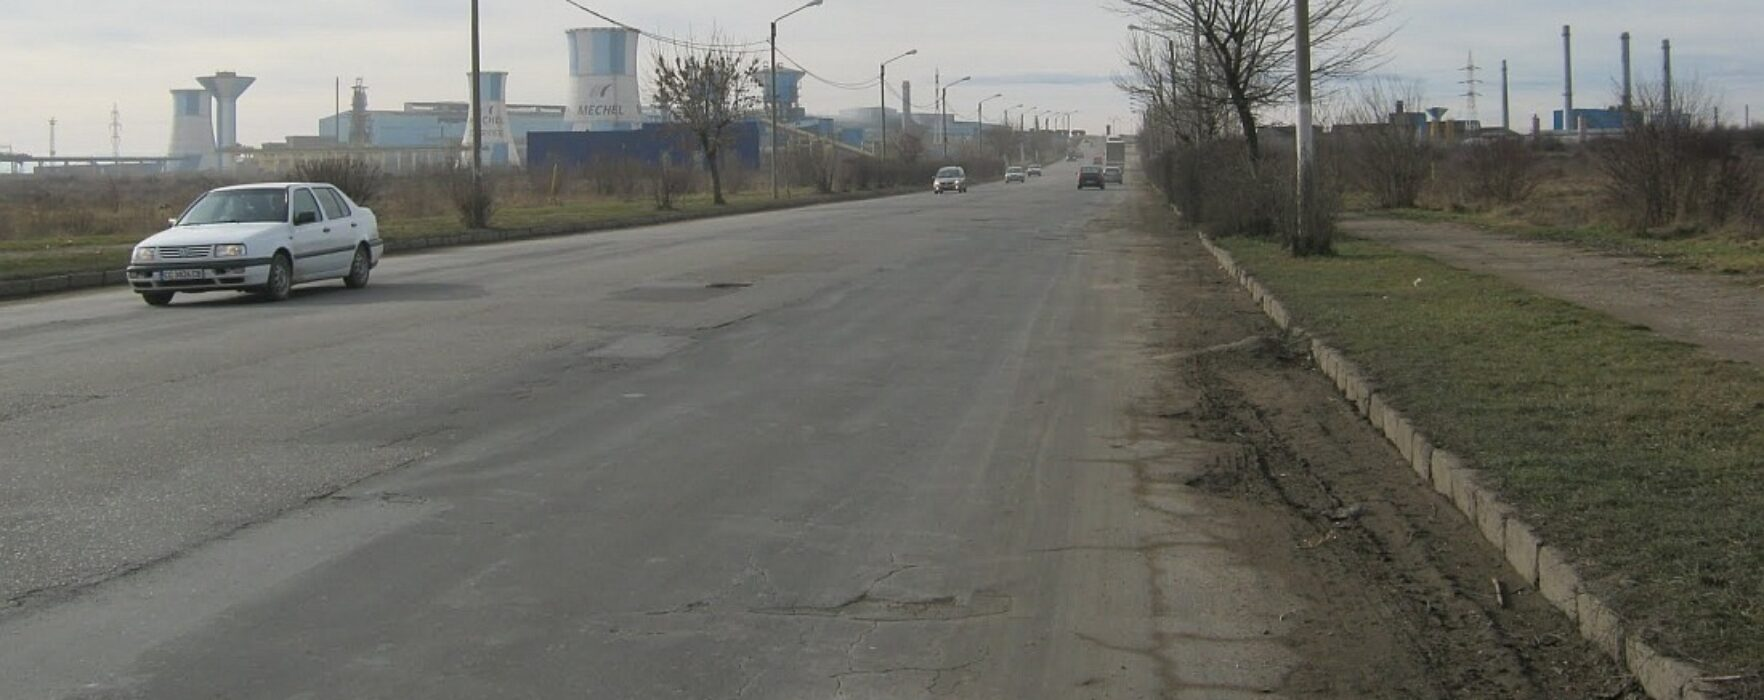 Municipiul Târgovişte riscă să piardă banii europeni din proiectul de realizare a centurii ocolitoare